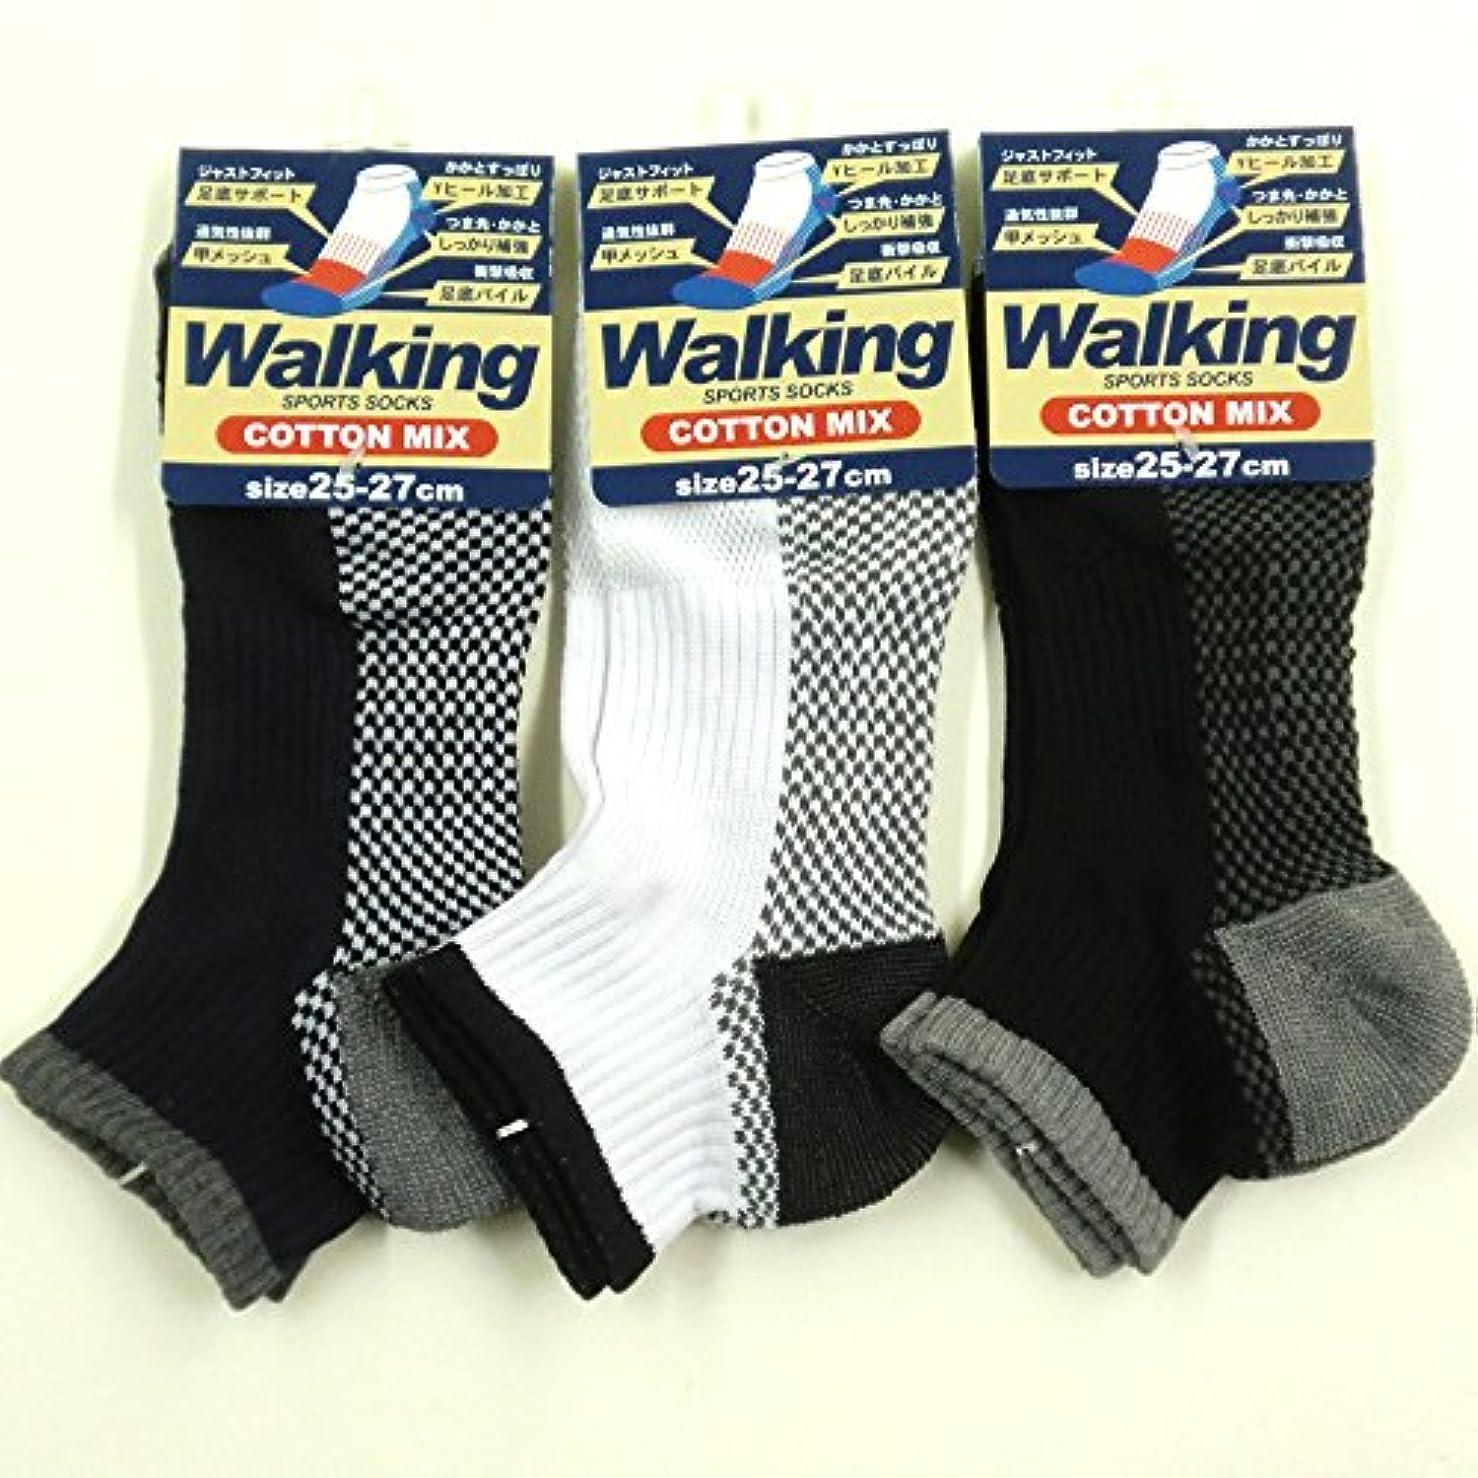 部分的にキロメートルゲートスニーカー ソックス メンズ ウォーキング 靴下 綿混 足底パイル 25-27cm 3足セット